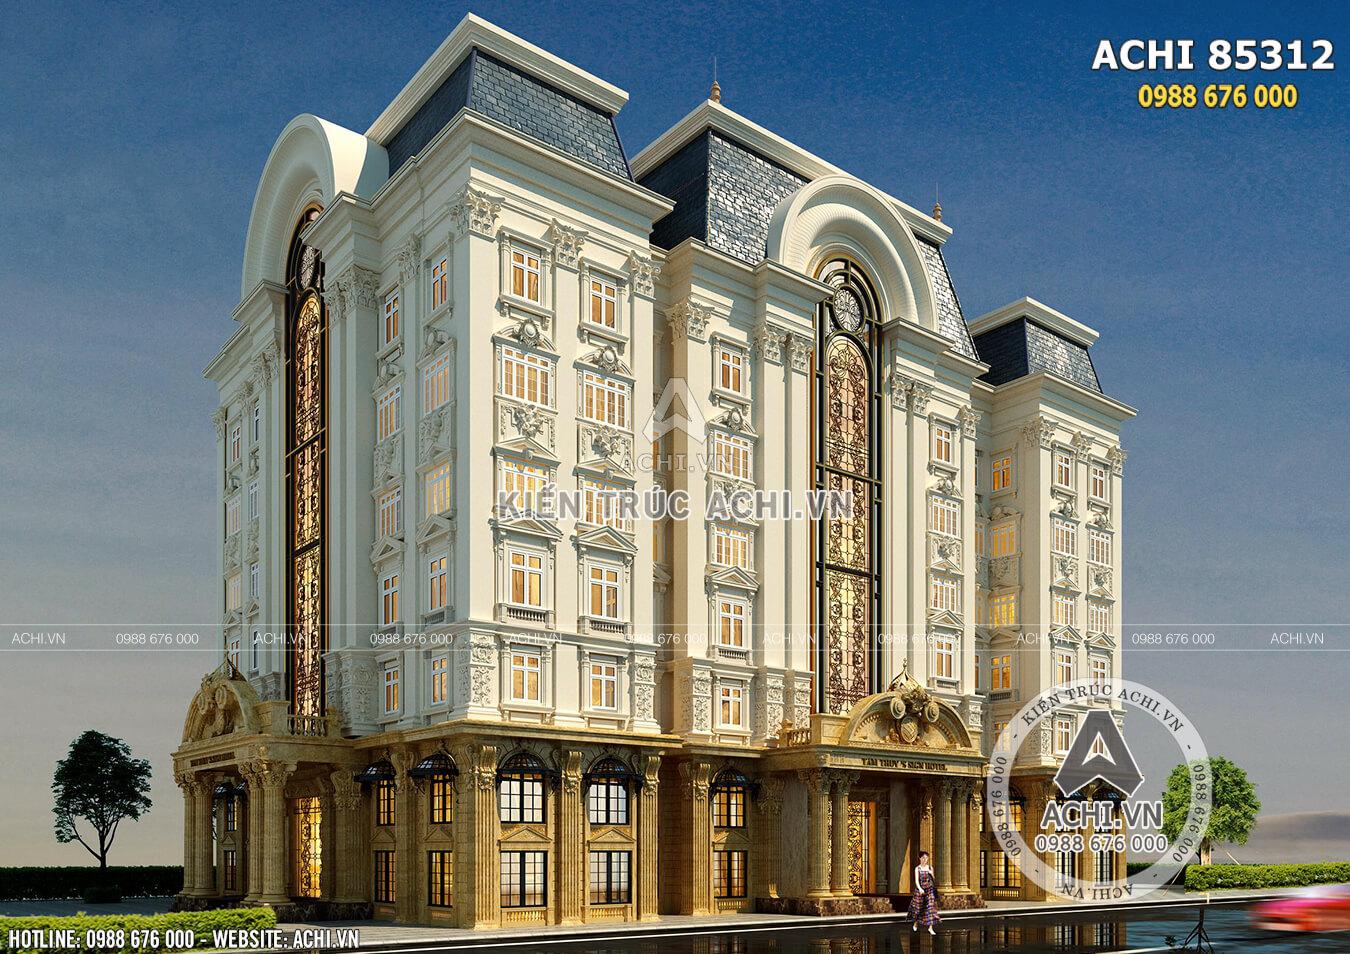 Không gian ngoại thất công trình khách sạn văn phòng kiến trúc tân cổ điển sang trọng